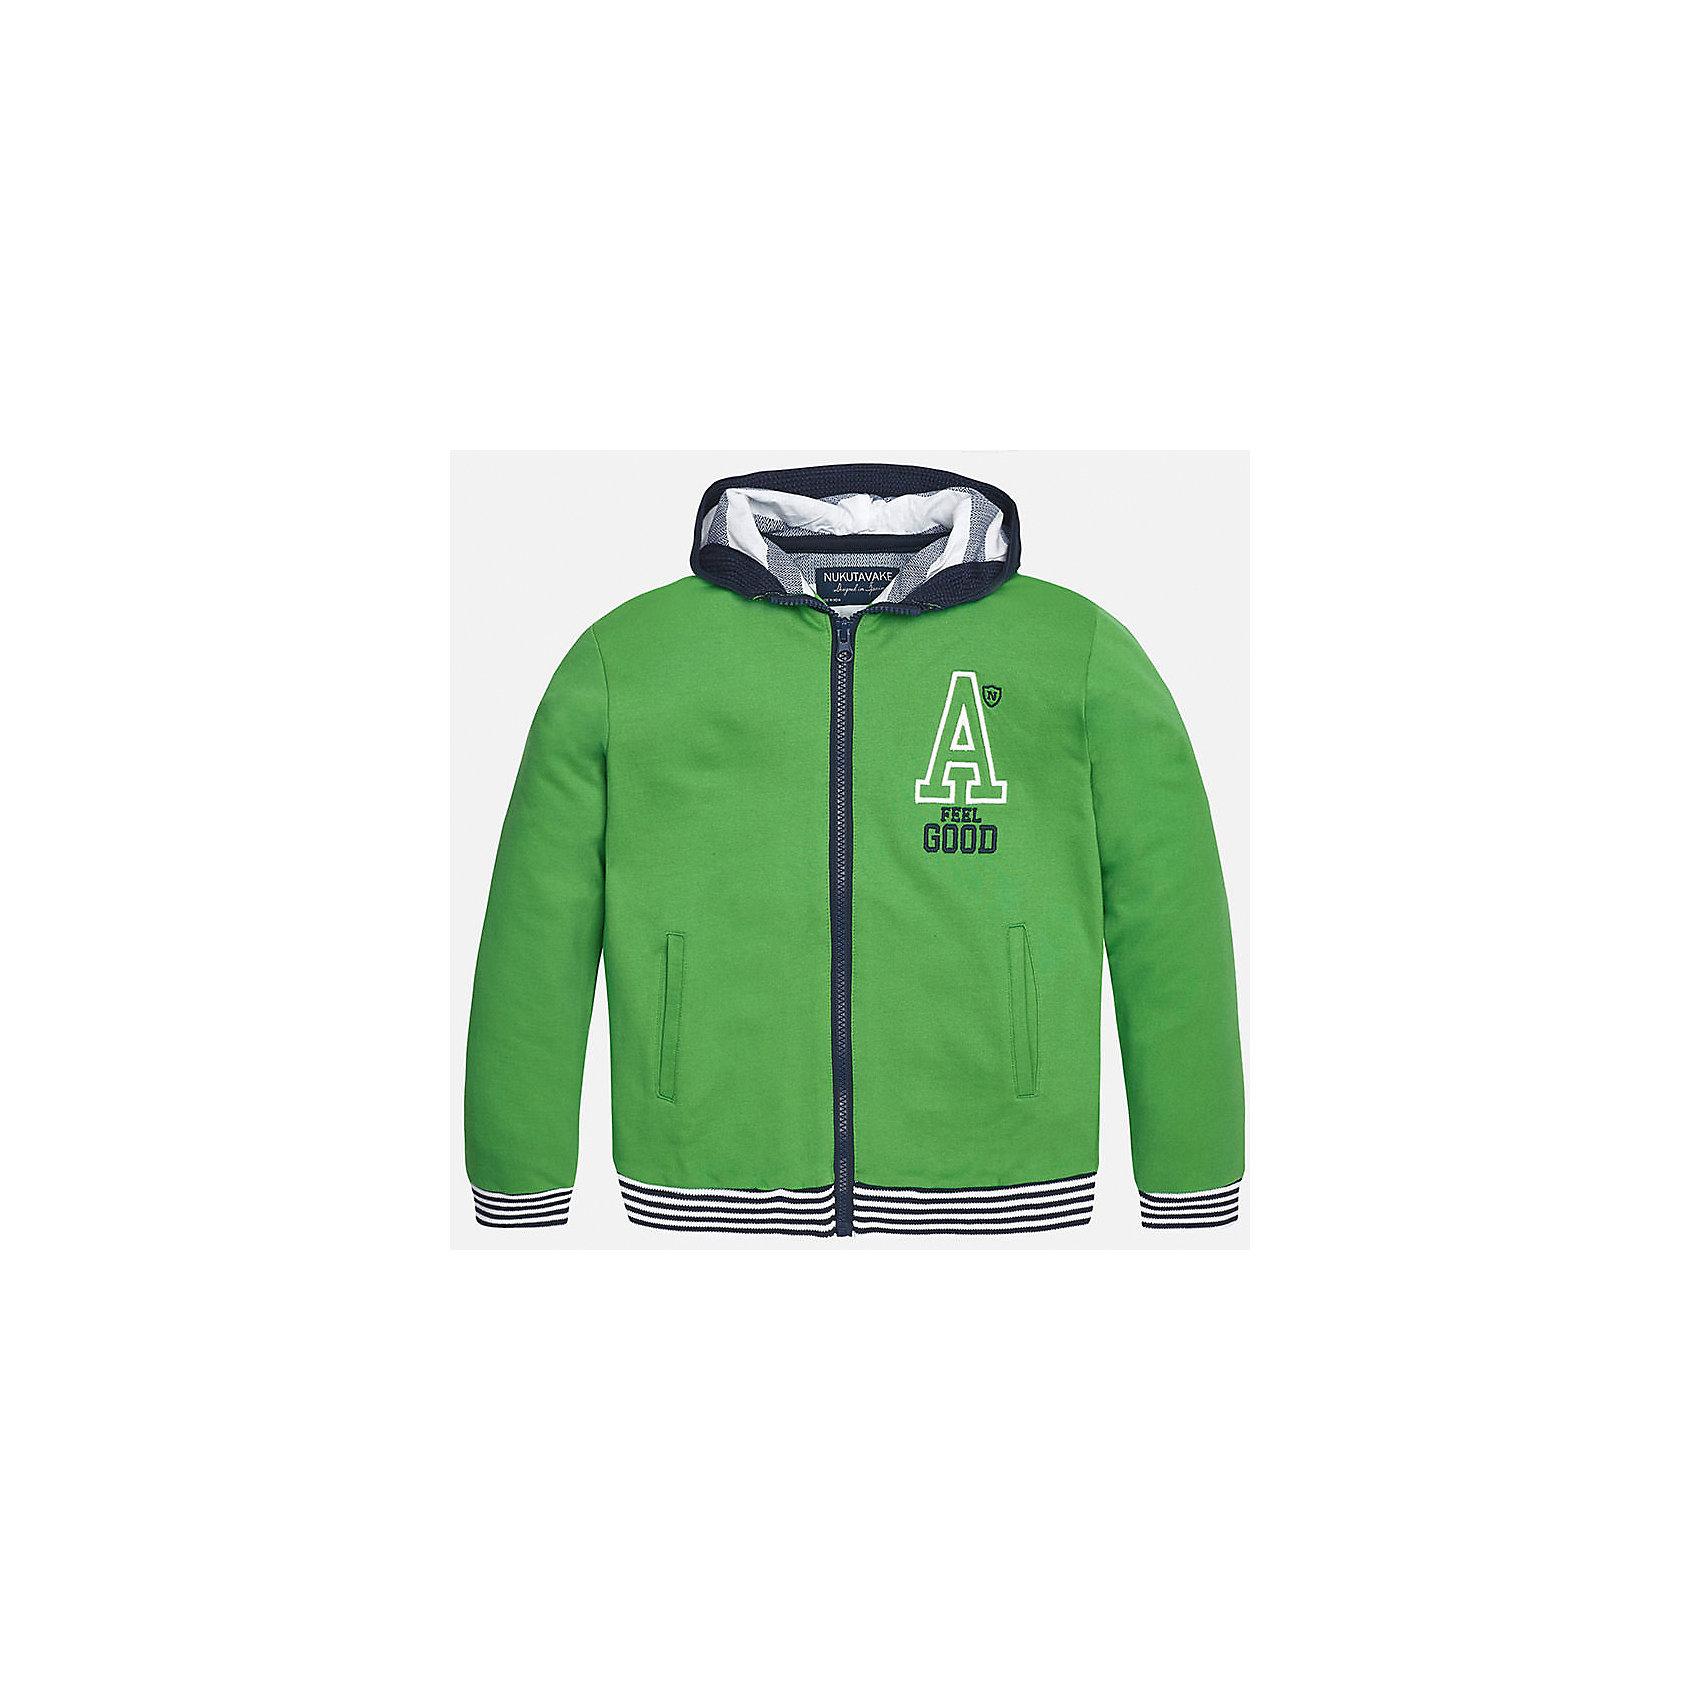 Толстовка для мальчика MayoralТолстовки<br>Характеристики товара:<br><br>• цвет: зеленый<br>• состав: 100% хлопок<br>• капюшон<br>• карманы<br>• застежка: молния<br>• вышивка<br>• страна бренда: Испания<br><br>Модная куртка для мальчика может стать базовой вещью в гардеробе ребенка. Она отлично сочетается с майками, футболками, рубашками и т.д. Универсальный крой и цвет позволяет подобрать к вещи низ разных расцветок. Практичное и стильное изделие! В составе материала - натуральный хлопок, гипоаллергенный, приятный на ощупь, дышащий.<br><br>Одежда, обувь и аксессуары от испанского бренда Mayoral полюбились детям и взрослым по всему миру. Модели этой марки - стильные и удобные. Для их производства используются только безопасные, качественные материалы и фурнитура. Порадуйте ребенка модными и красивыми вещами от Mayoral! <br><br>Куртку для мальчика от испанского бренда Mayoral (Майорал) можно купить в нашем интернет-магазине.<br><br>Ширина мм: 356<br>Глубина мм: 10<br>Высота мм: 245<br>Вес г: 519<br>Цвет: зеленый<br>Возраст от месяцев: 84<br>Возраст до месяцев: 96<br>Пол: Мужской<br>Возраст: Детский<br>Размер: 128/134,170,140,152,158,164<br>SKU: 5281916